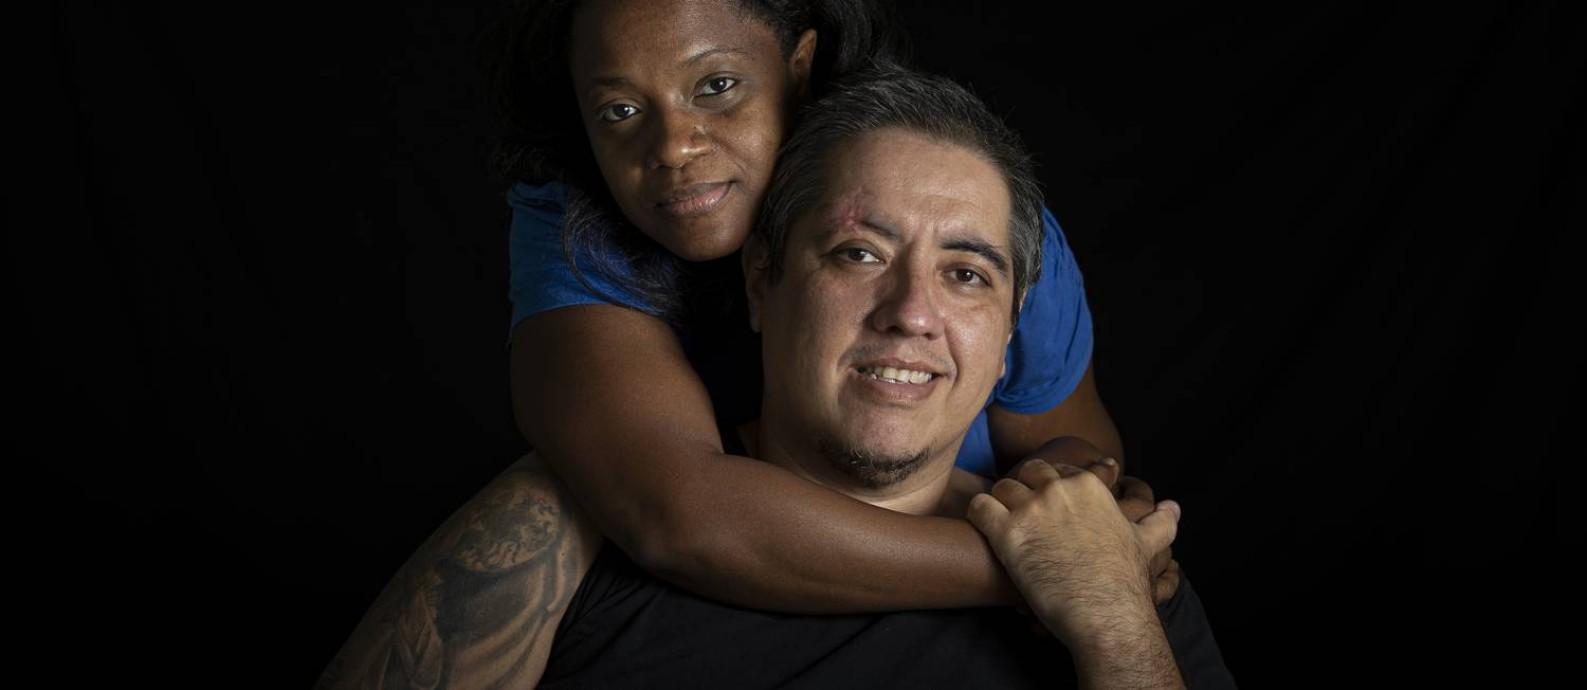 Enfermeiro, Bruno Barbosa teve Covid-19 em março e ficou 10 dias intubado. Ele vive com a esposa Ludmila Oliveira e três filhos recém-adotados Foto: Márcia Foletto / Agência O Globo